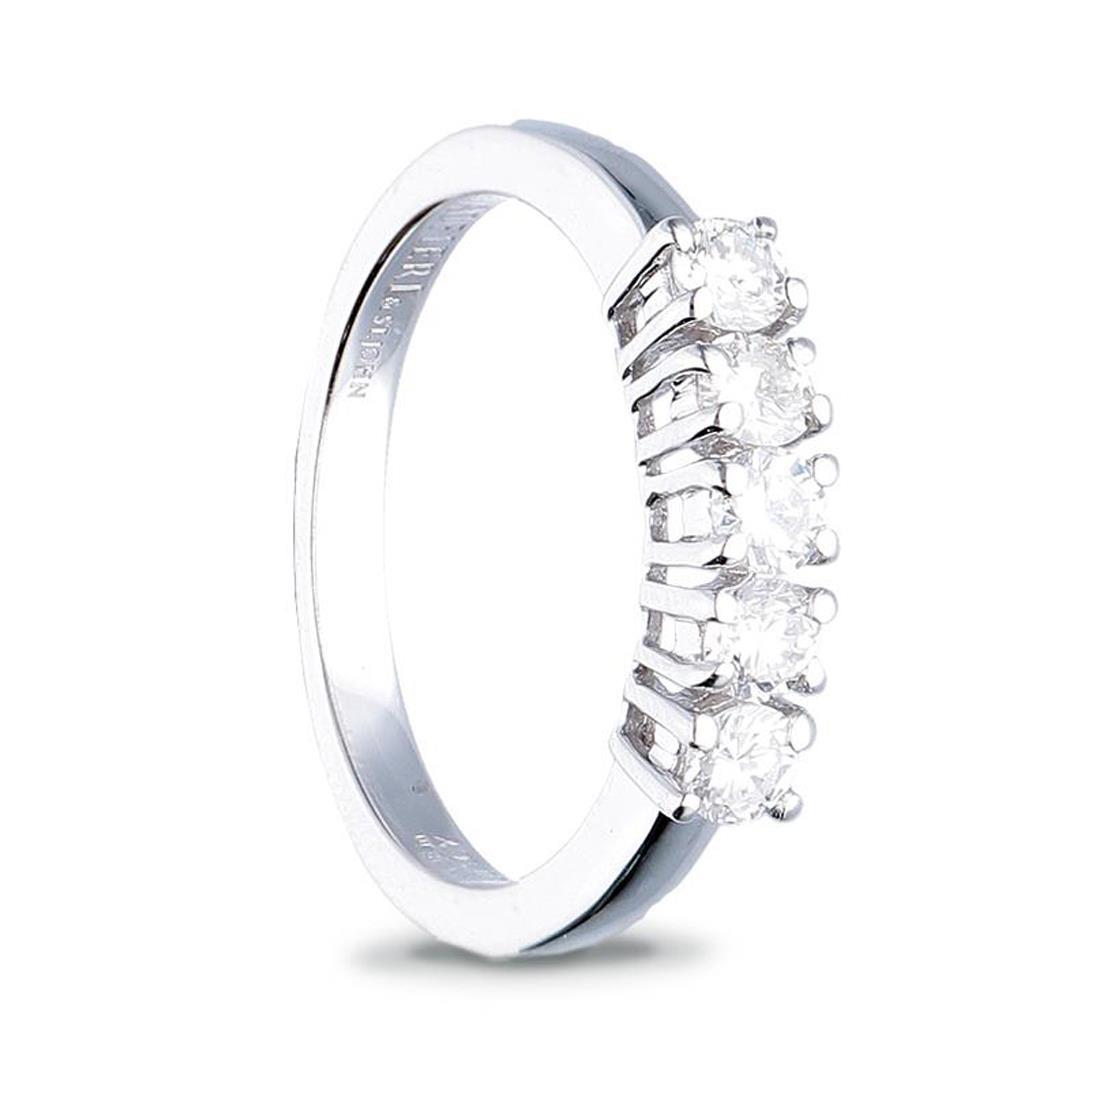 Anello veretta con diamanti ct. 0,80 - ALFIERI & ST. JOHN